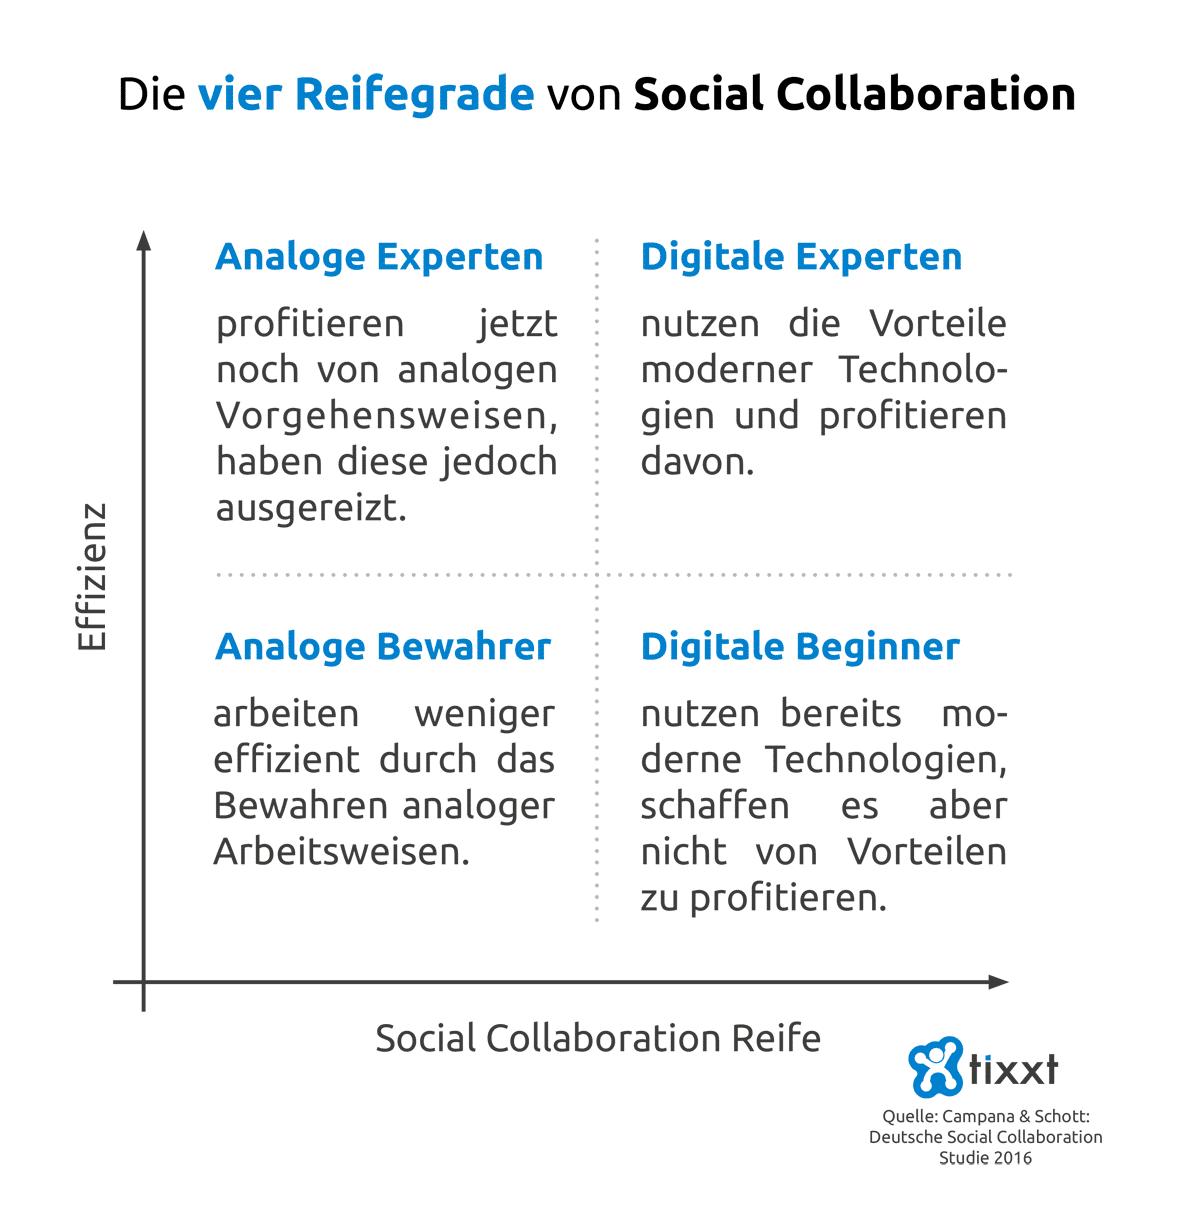 Die 4 Reifegrade von Social Collaboration